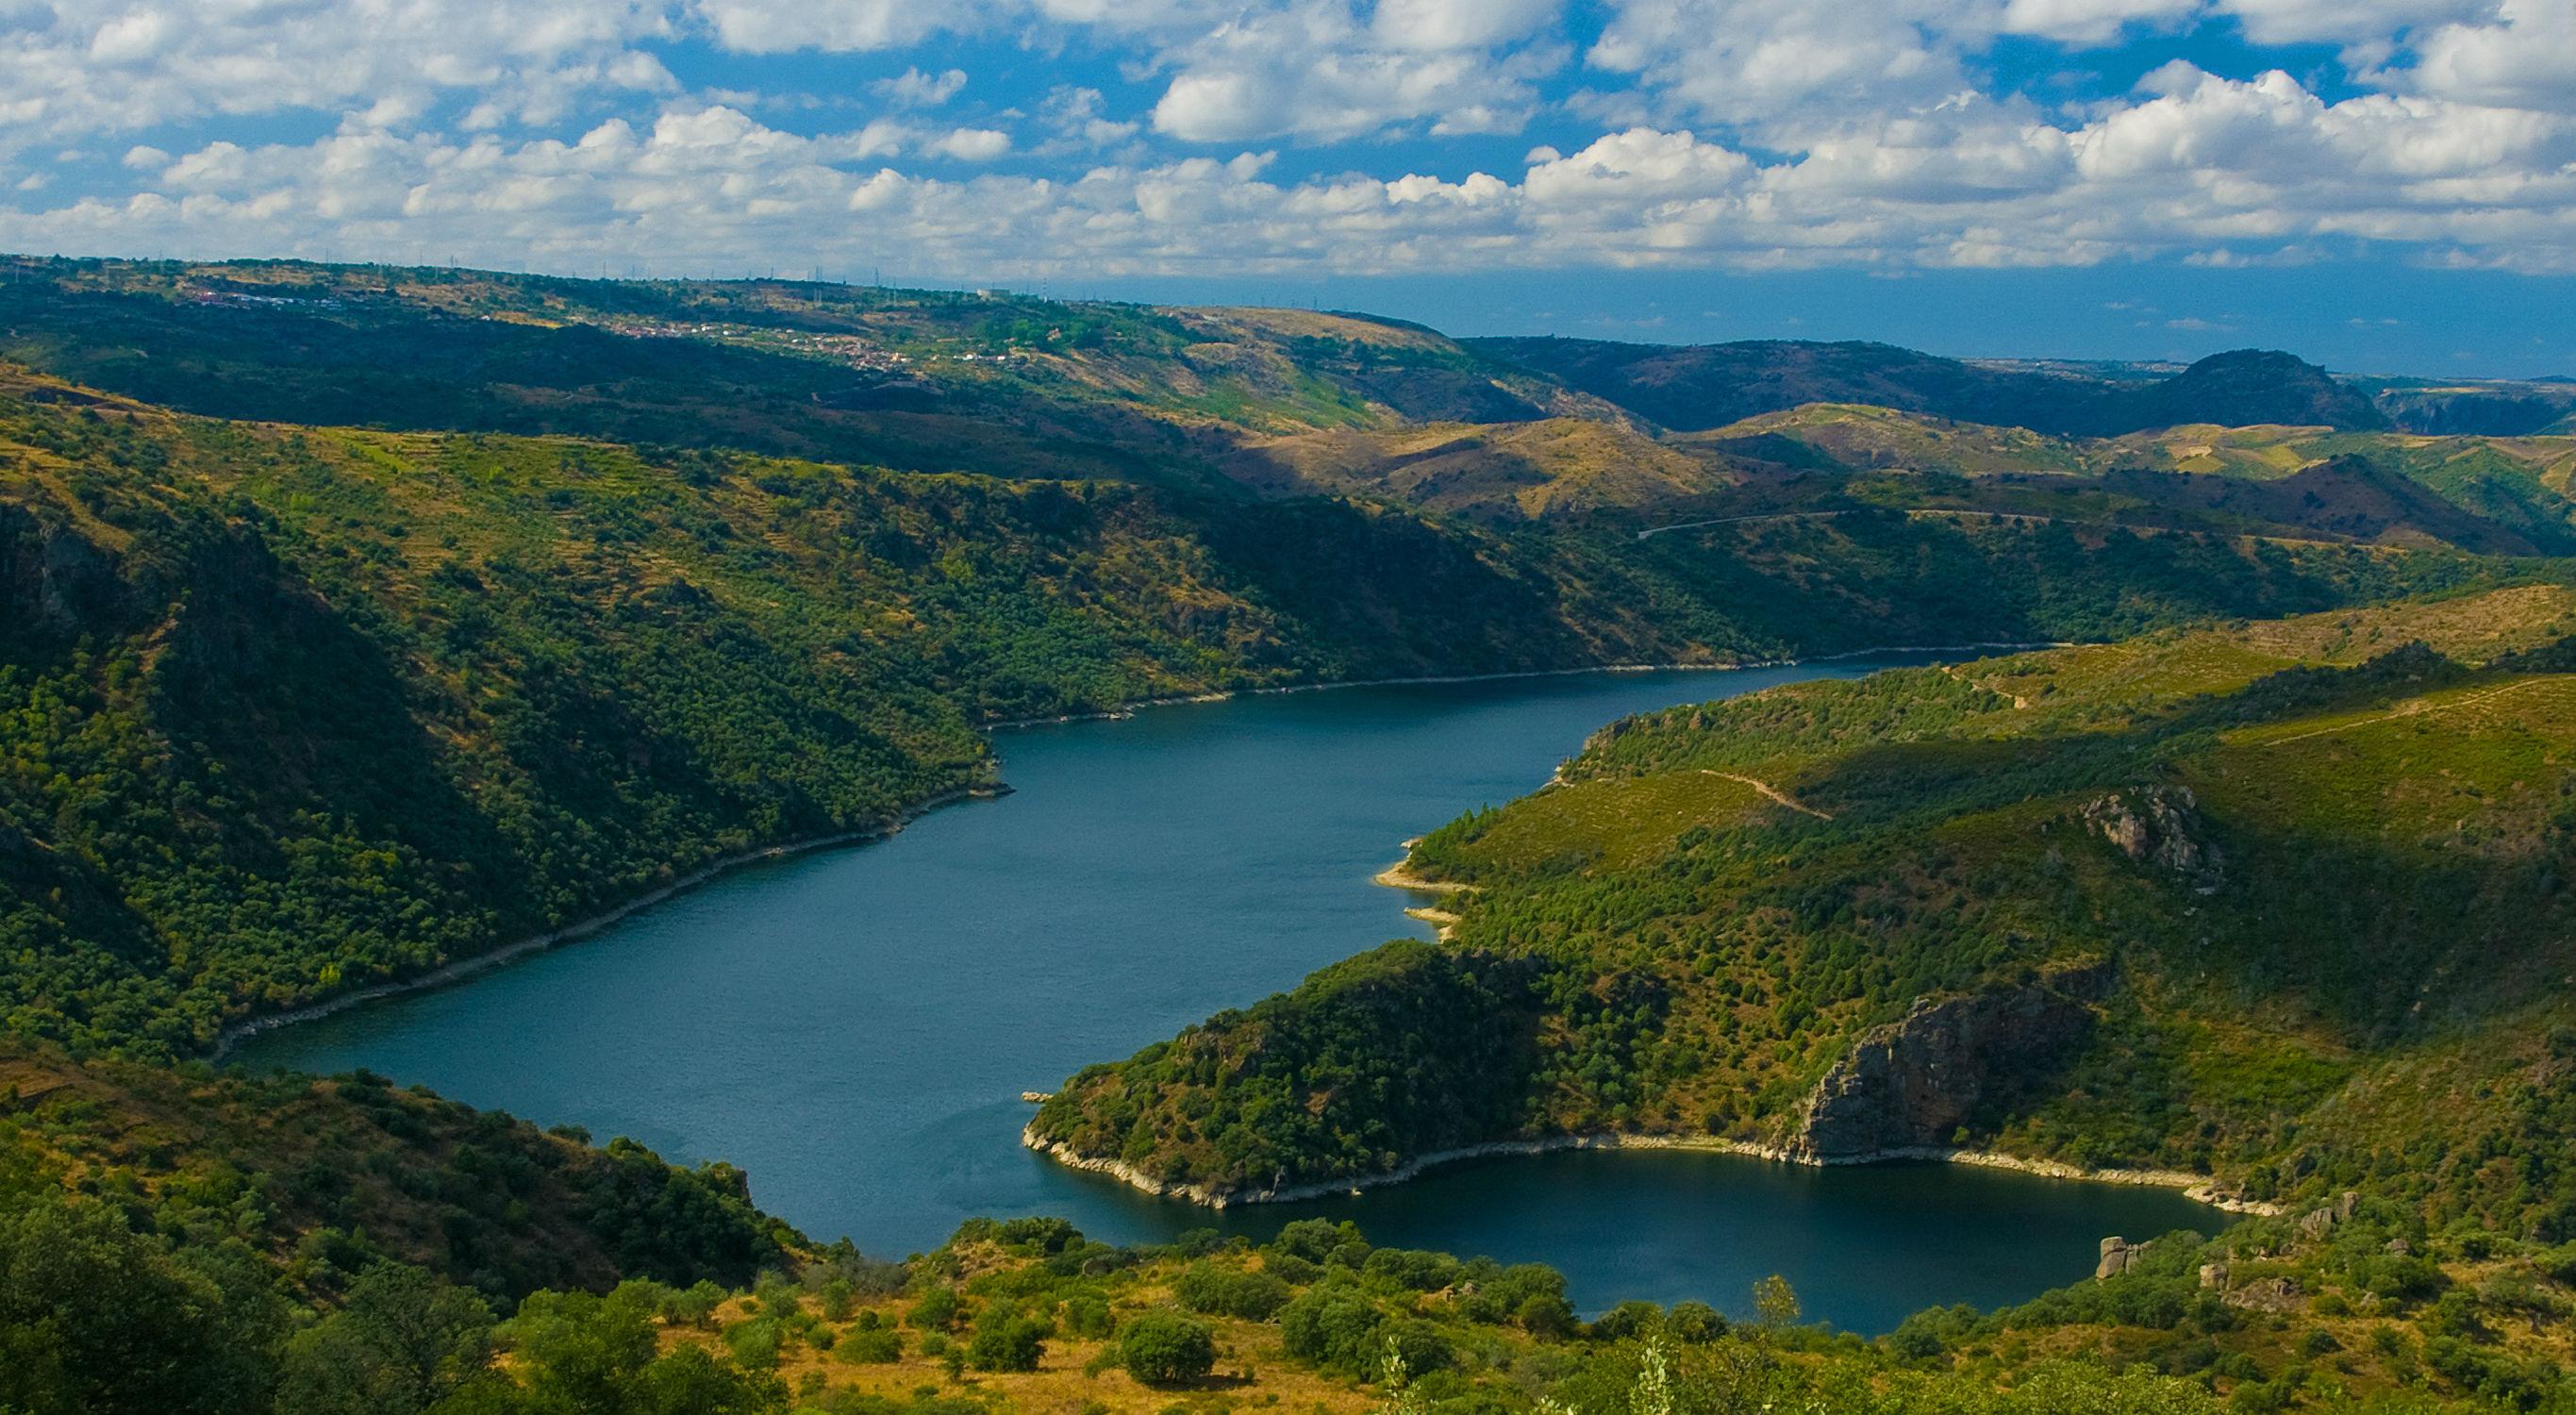 La UNESCO declara Reserva de la Biosfera a la Meseta Ibérica, en las provincias de Salamanca y Zamora